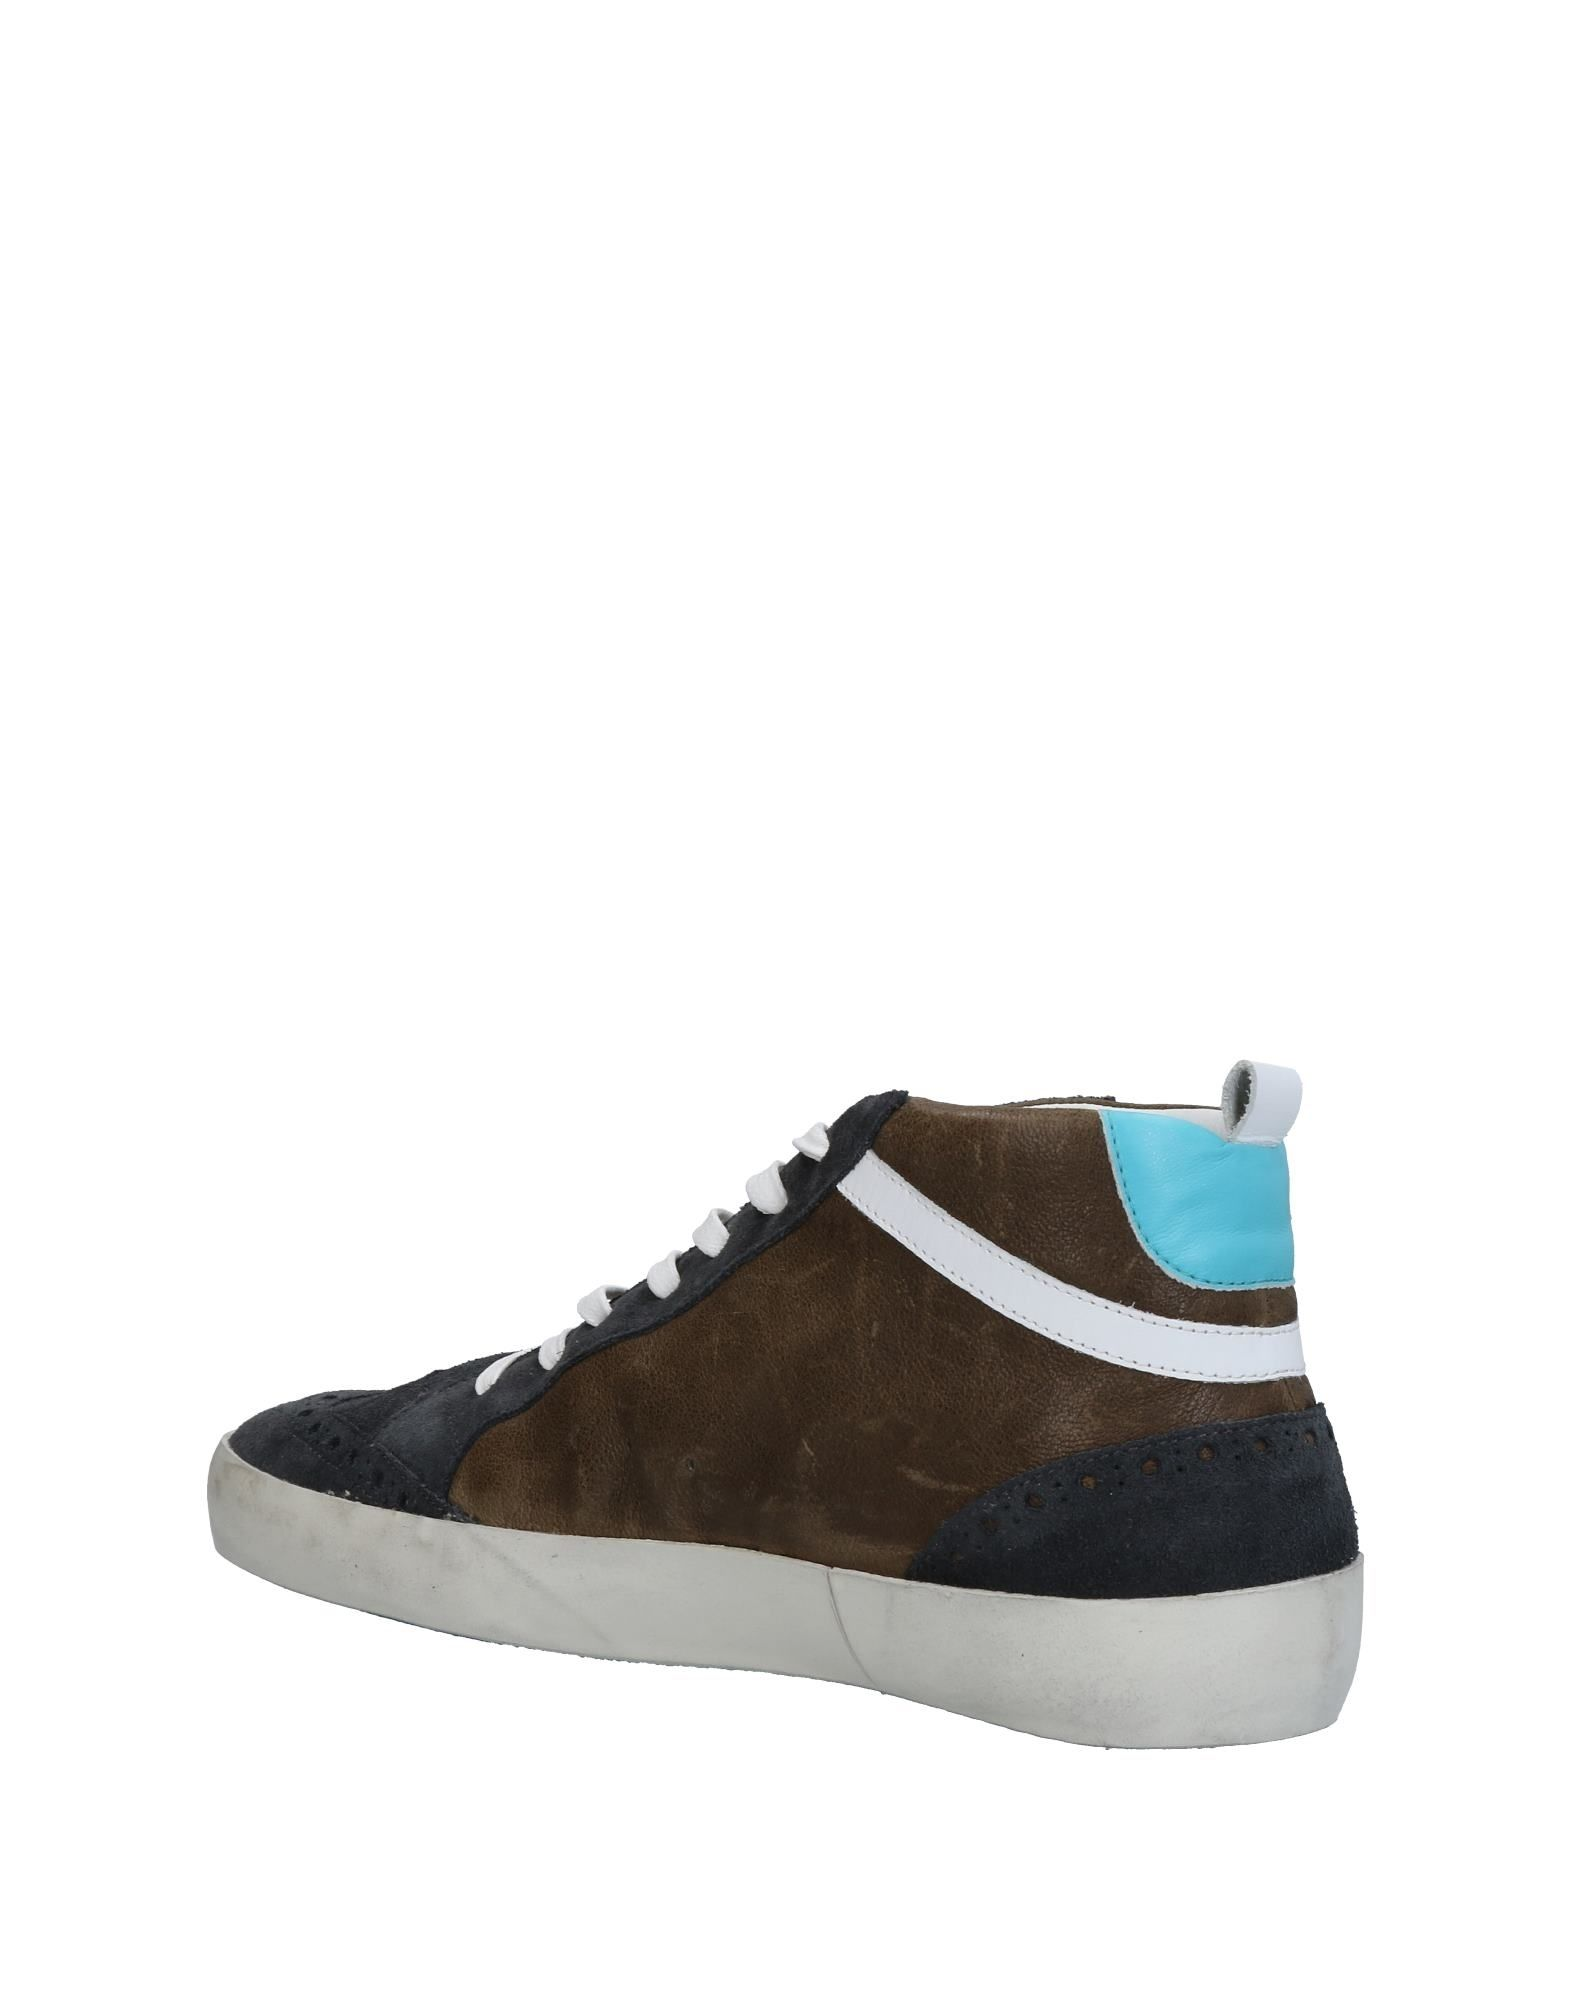 Rabatt Herren echte Schuhe Quattrobarradodici Turnschuhes Herren Rabatt 11457047WS c93780